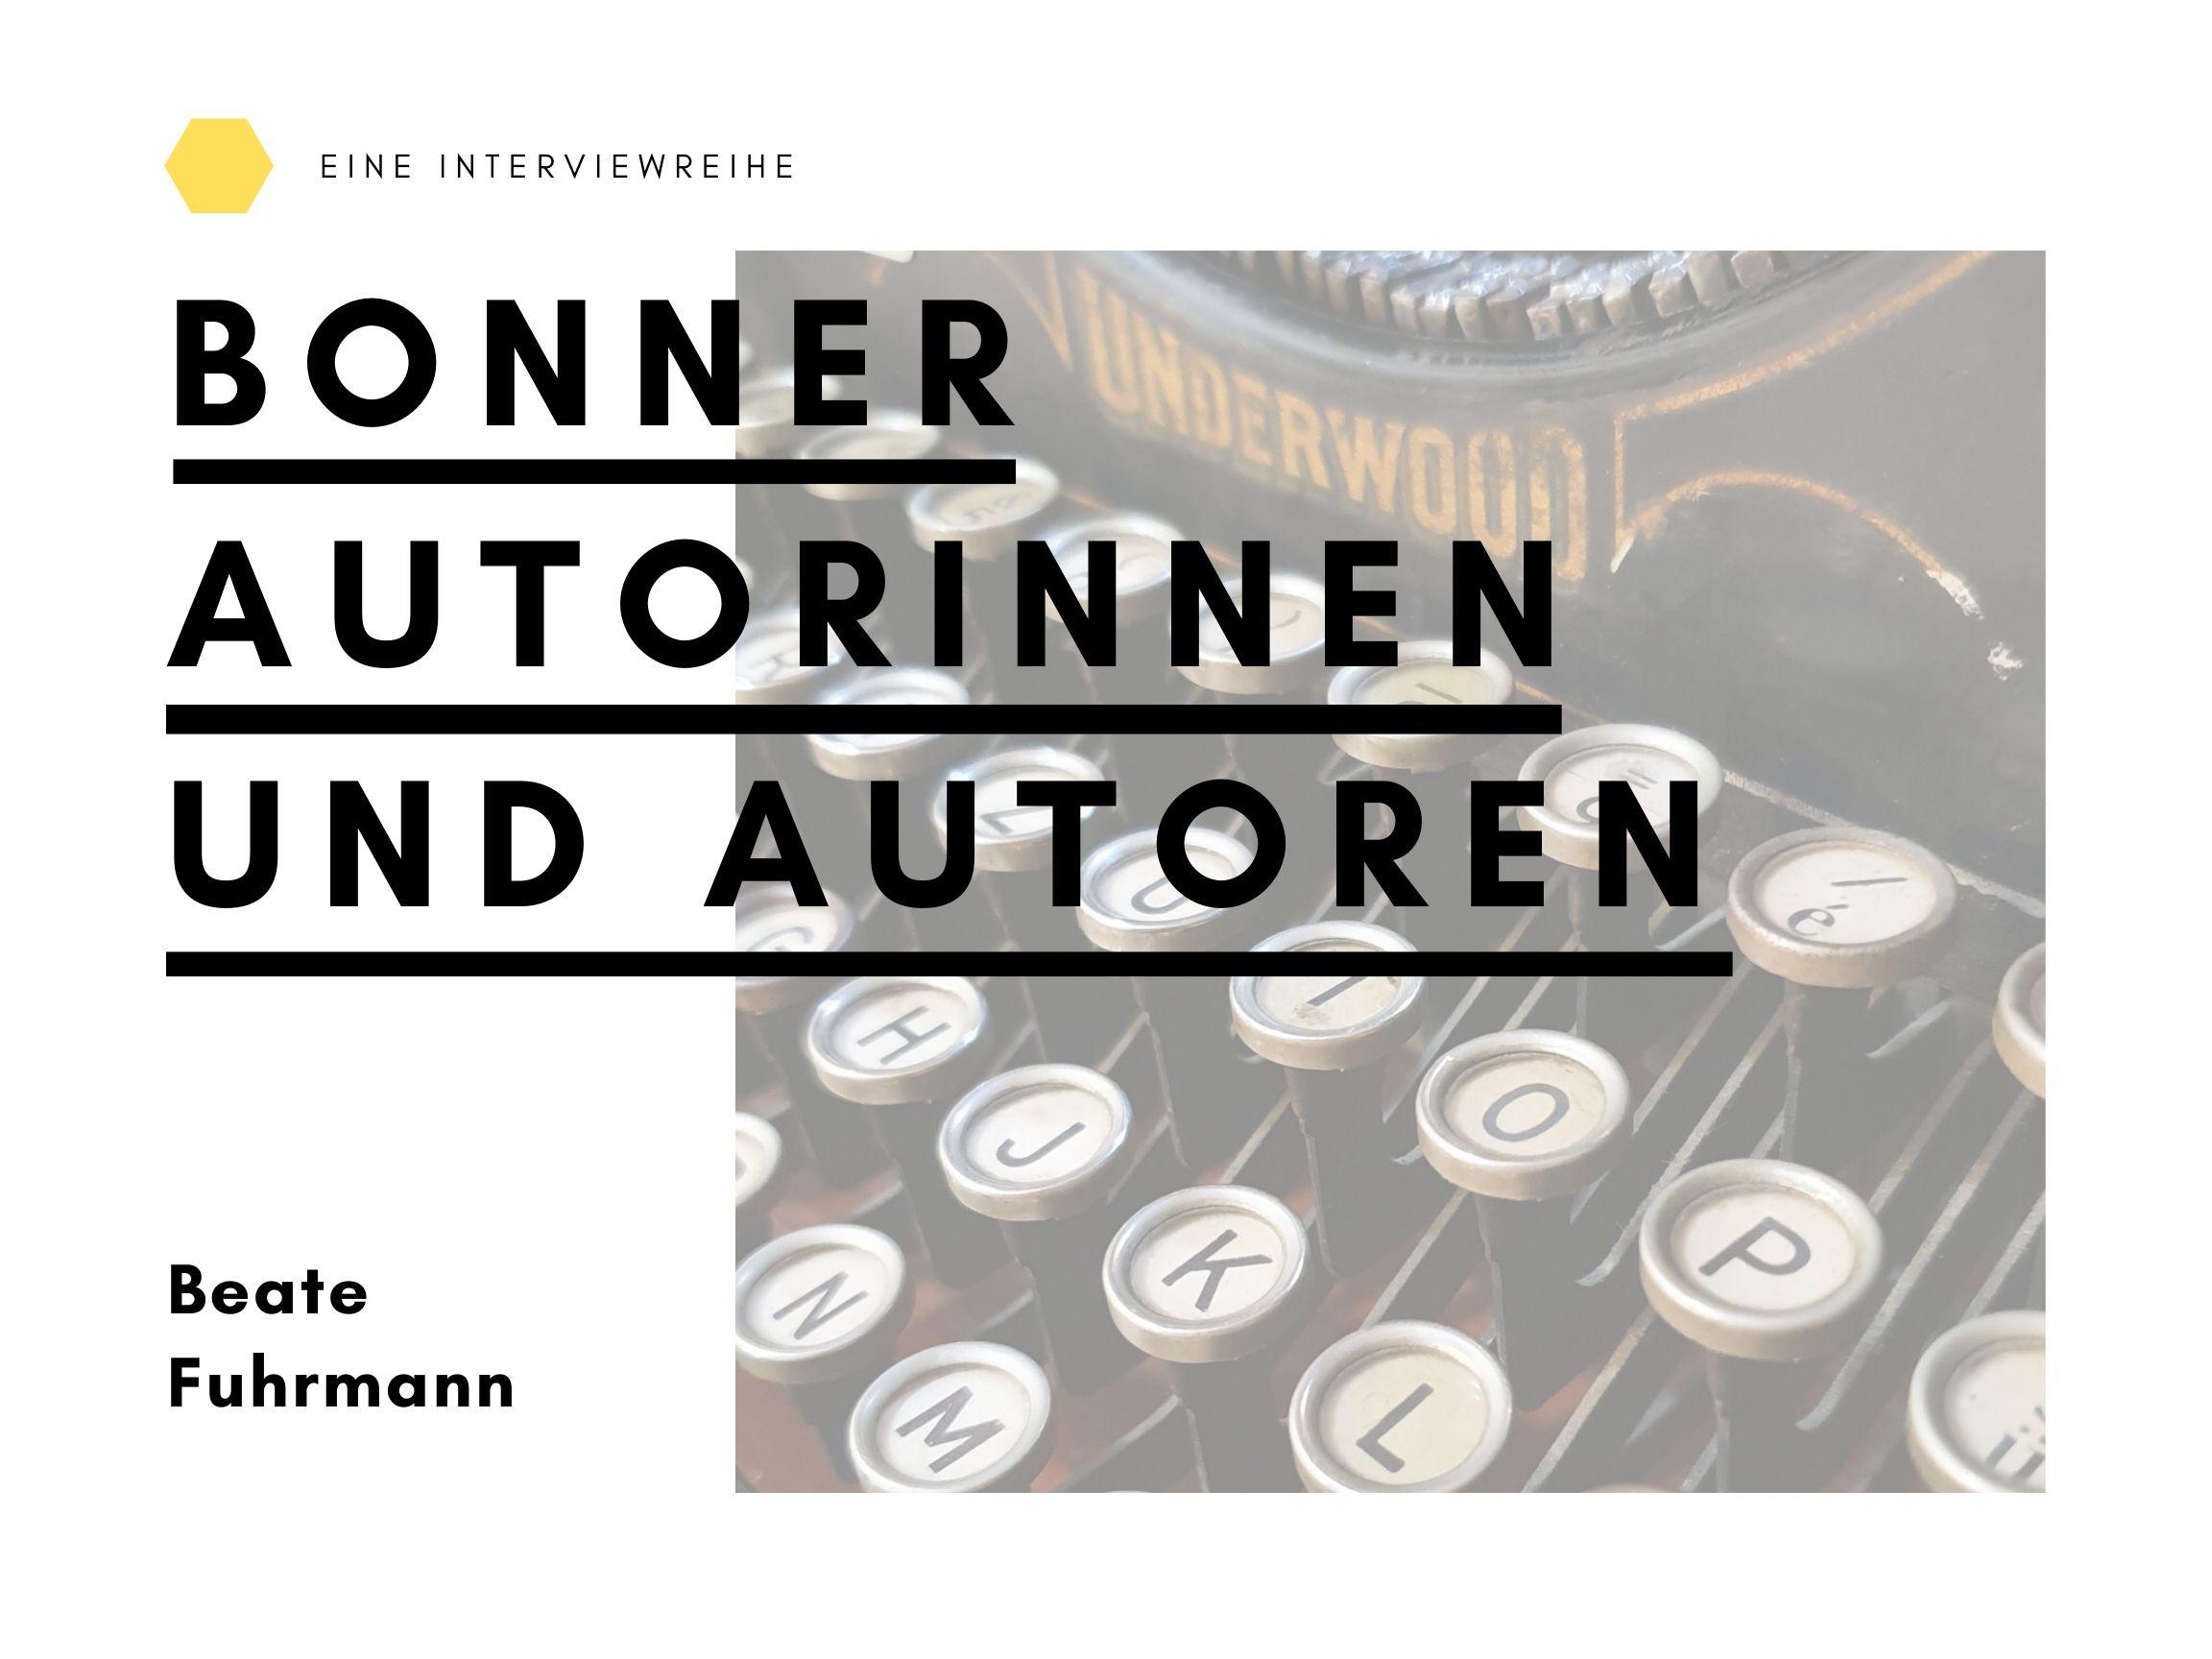 Interview mit Beate Fuhrmann